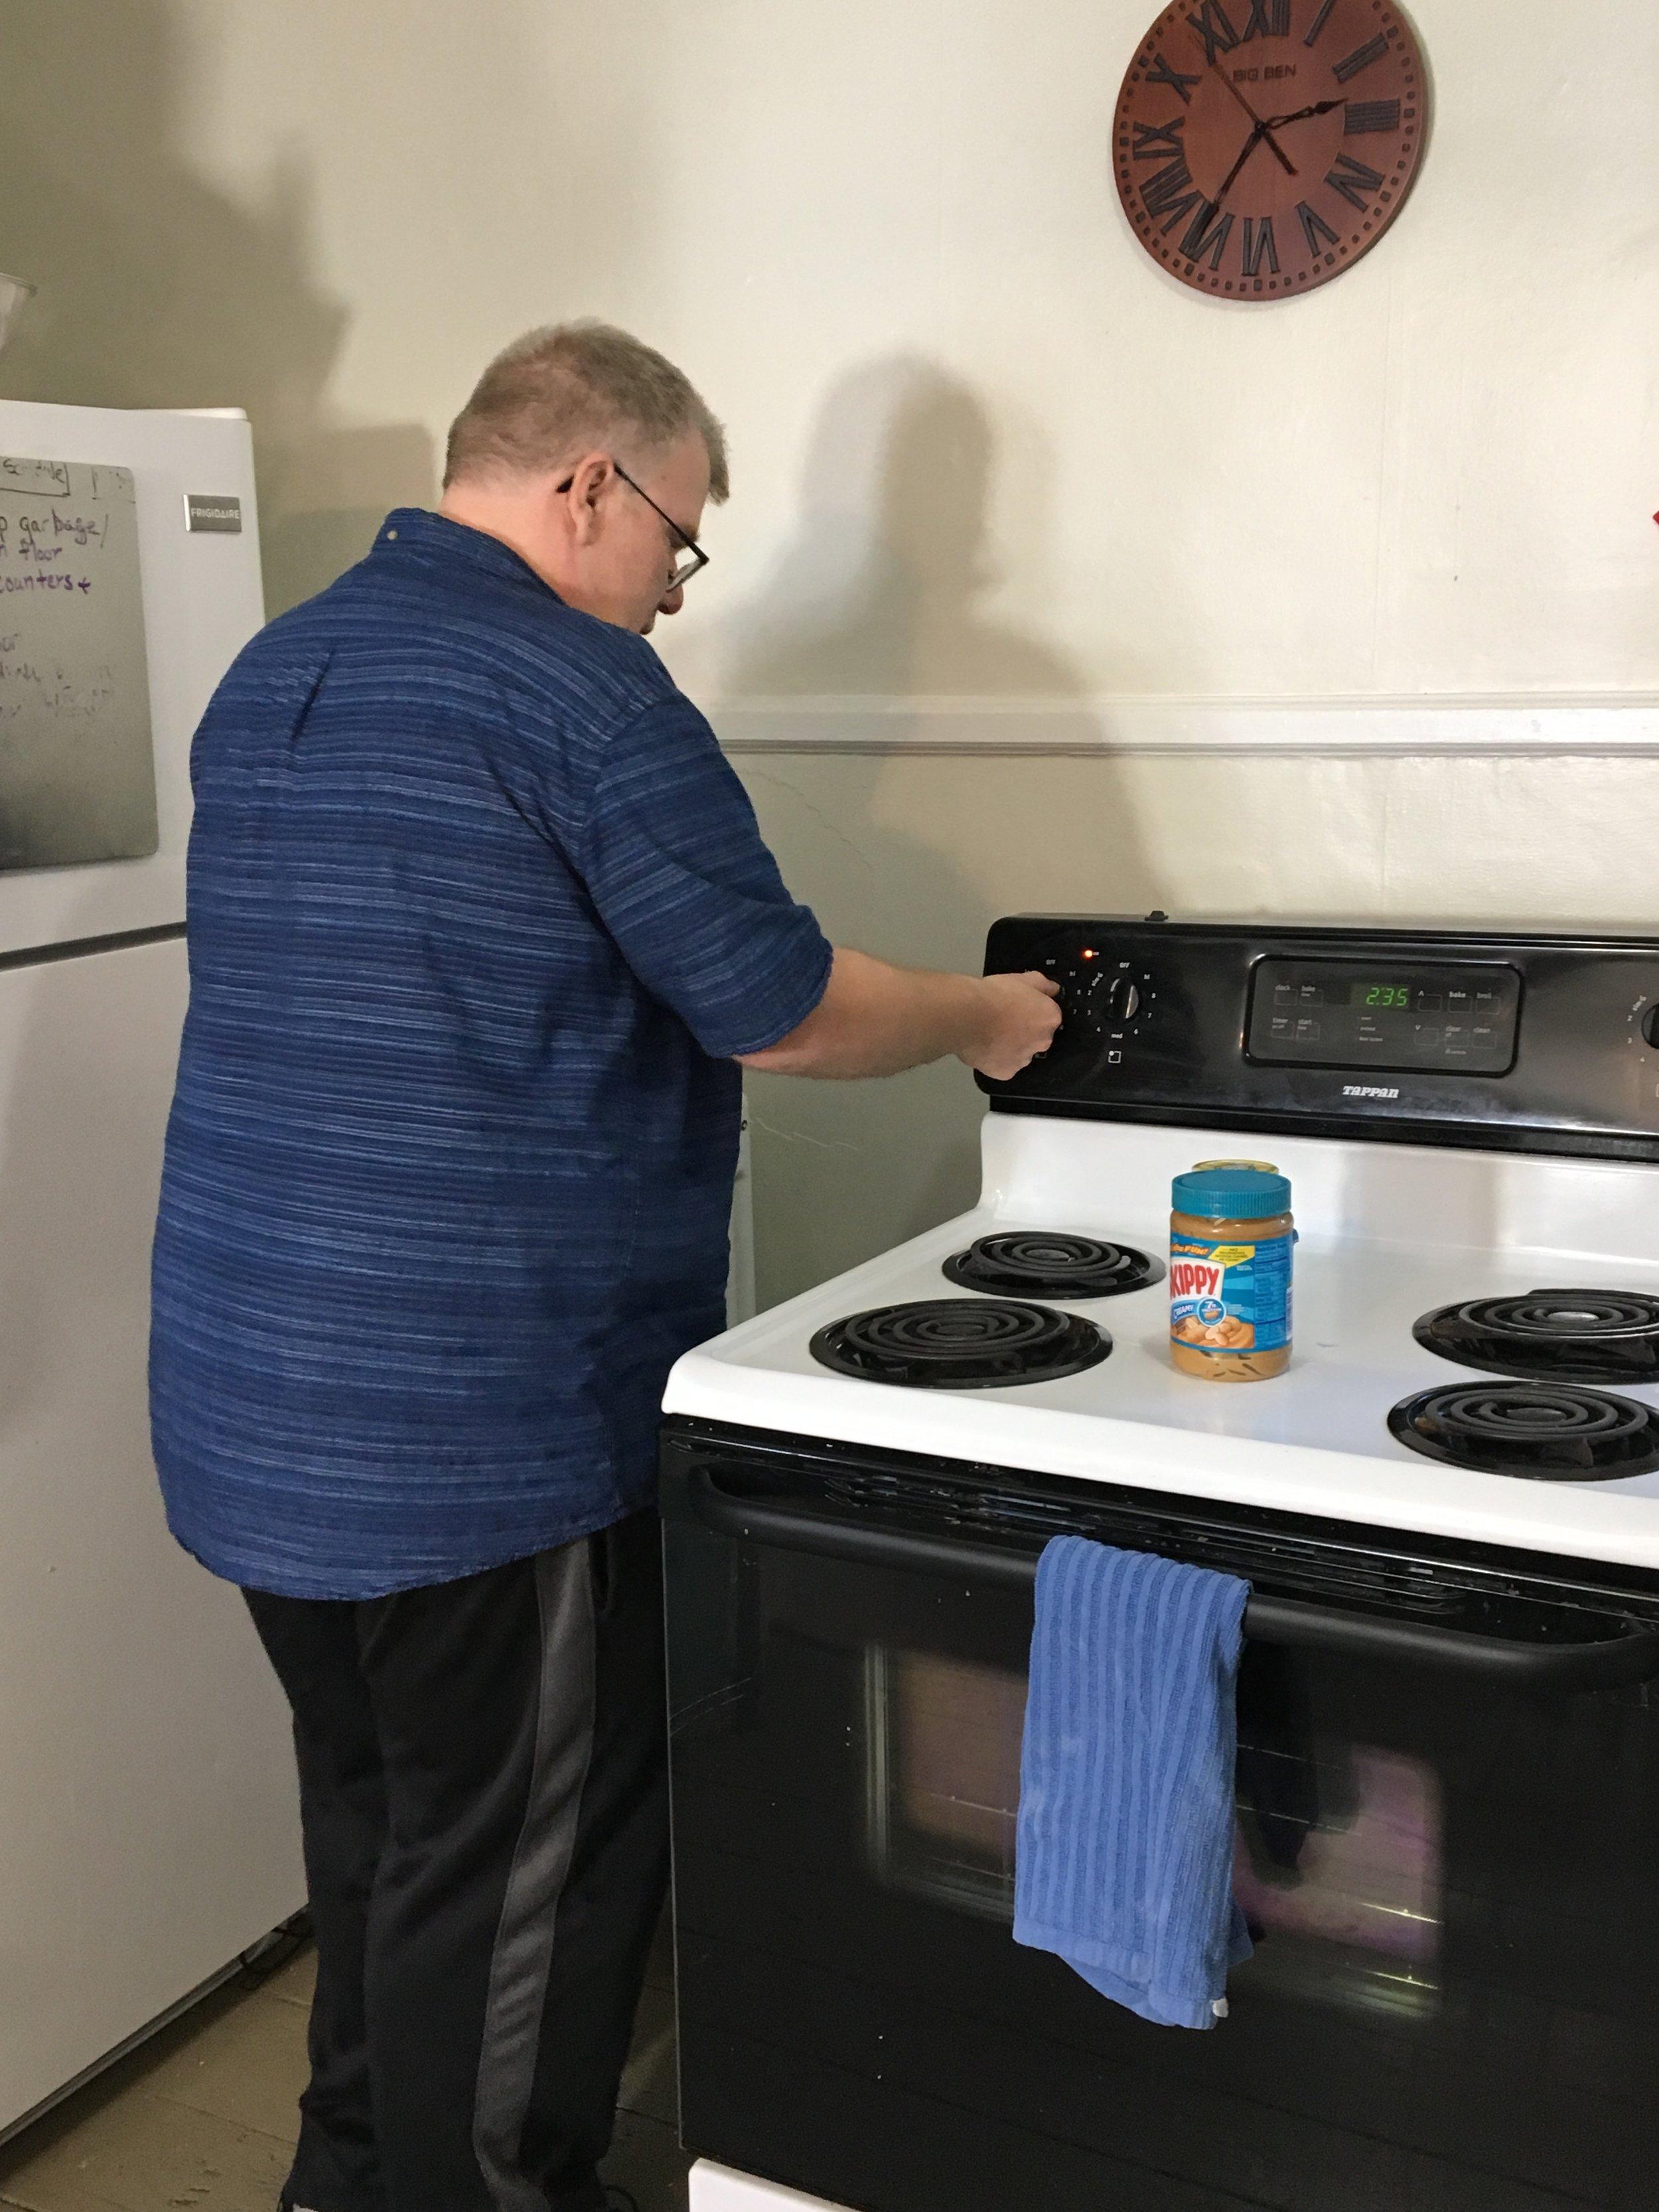 Steve enjoys cooking for himself.